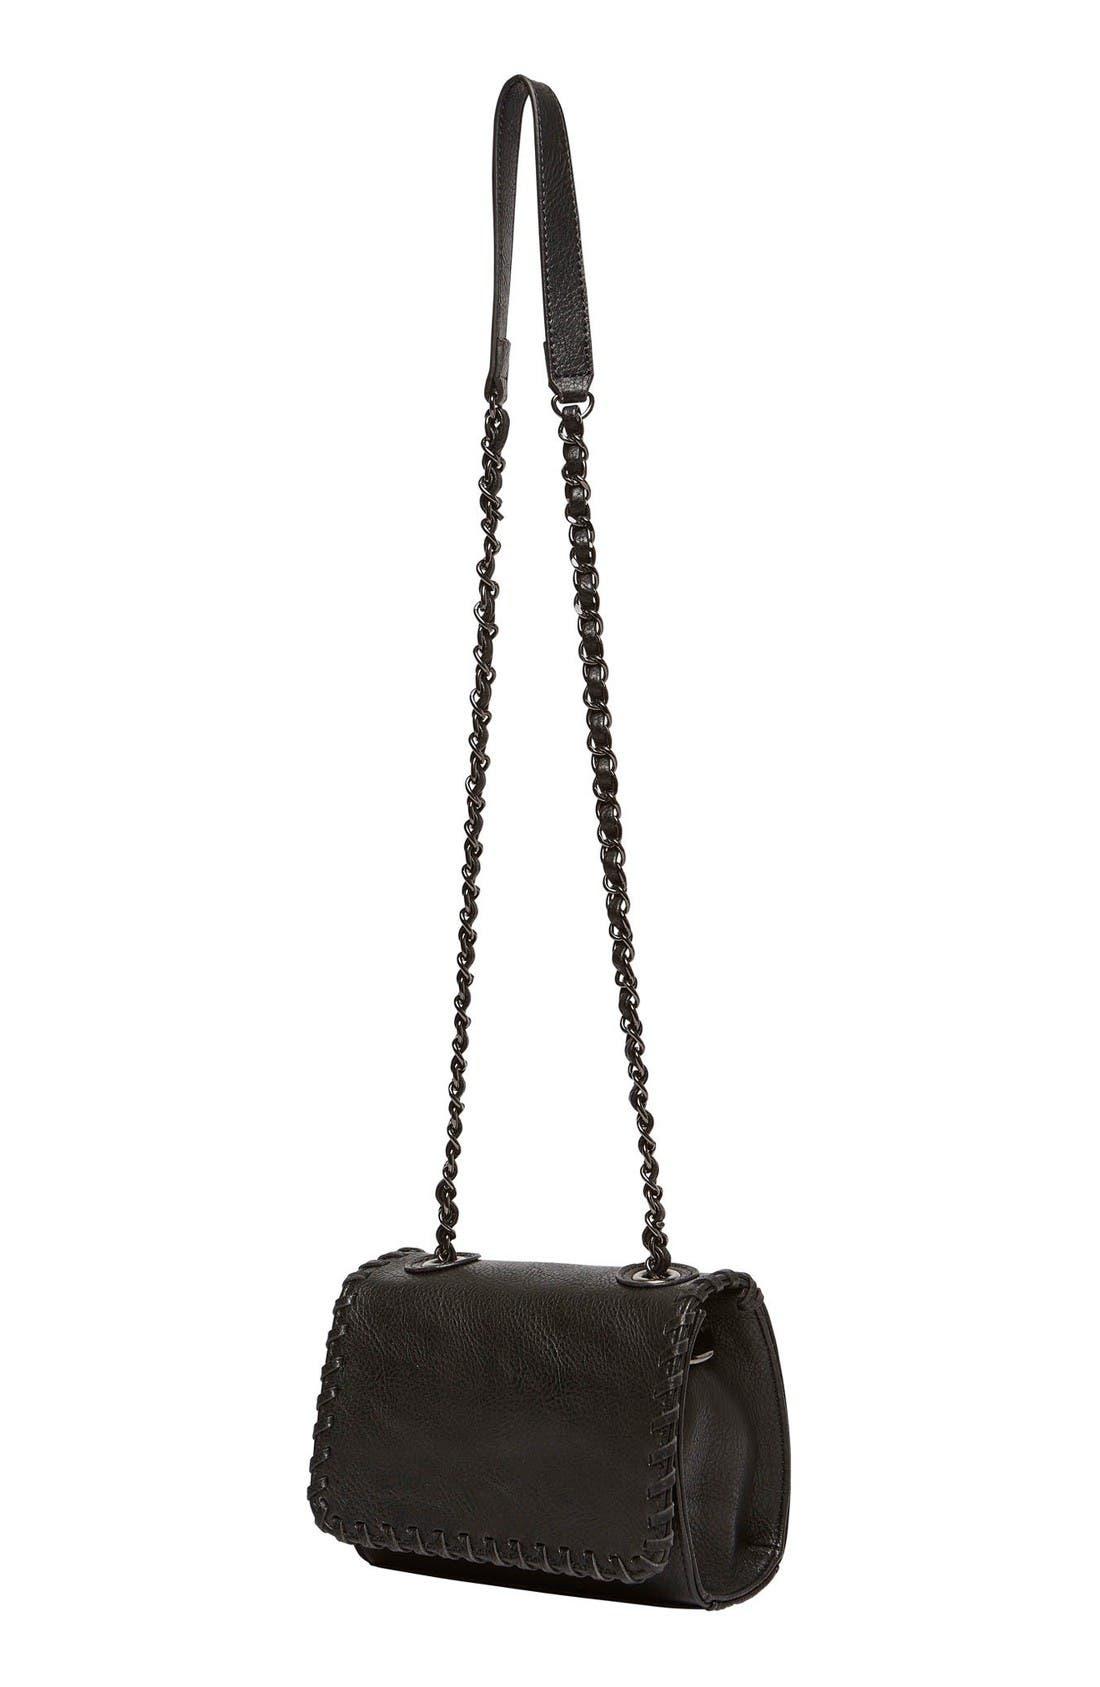 Loveliness Vegan Leather Shoulder Bag,                             Alternate thumbnail 2, color,                             Black